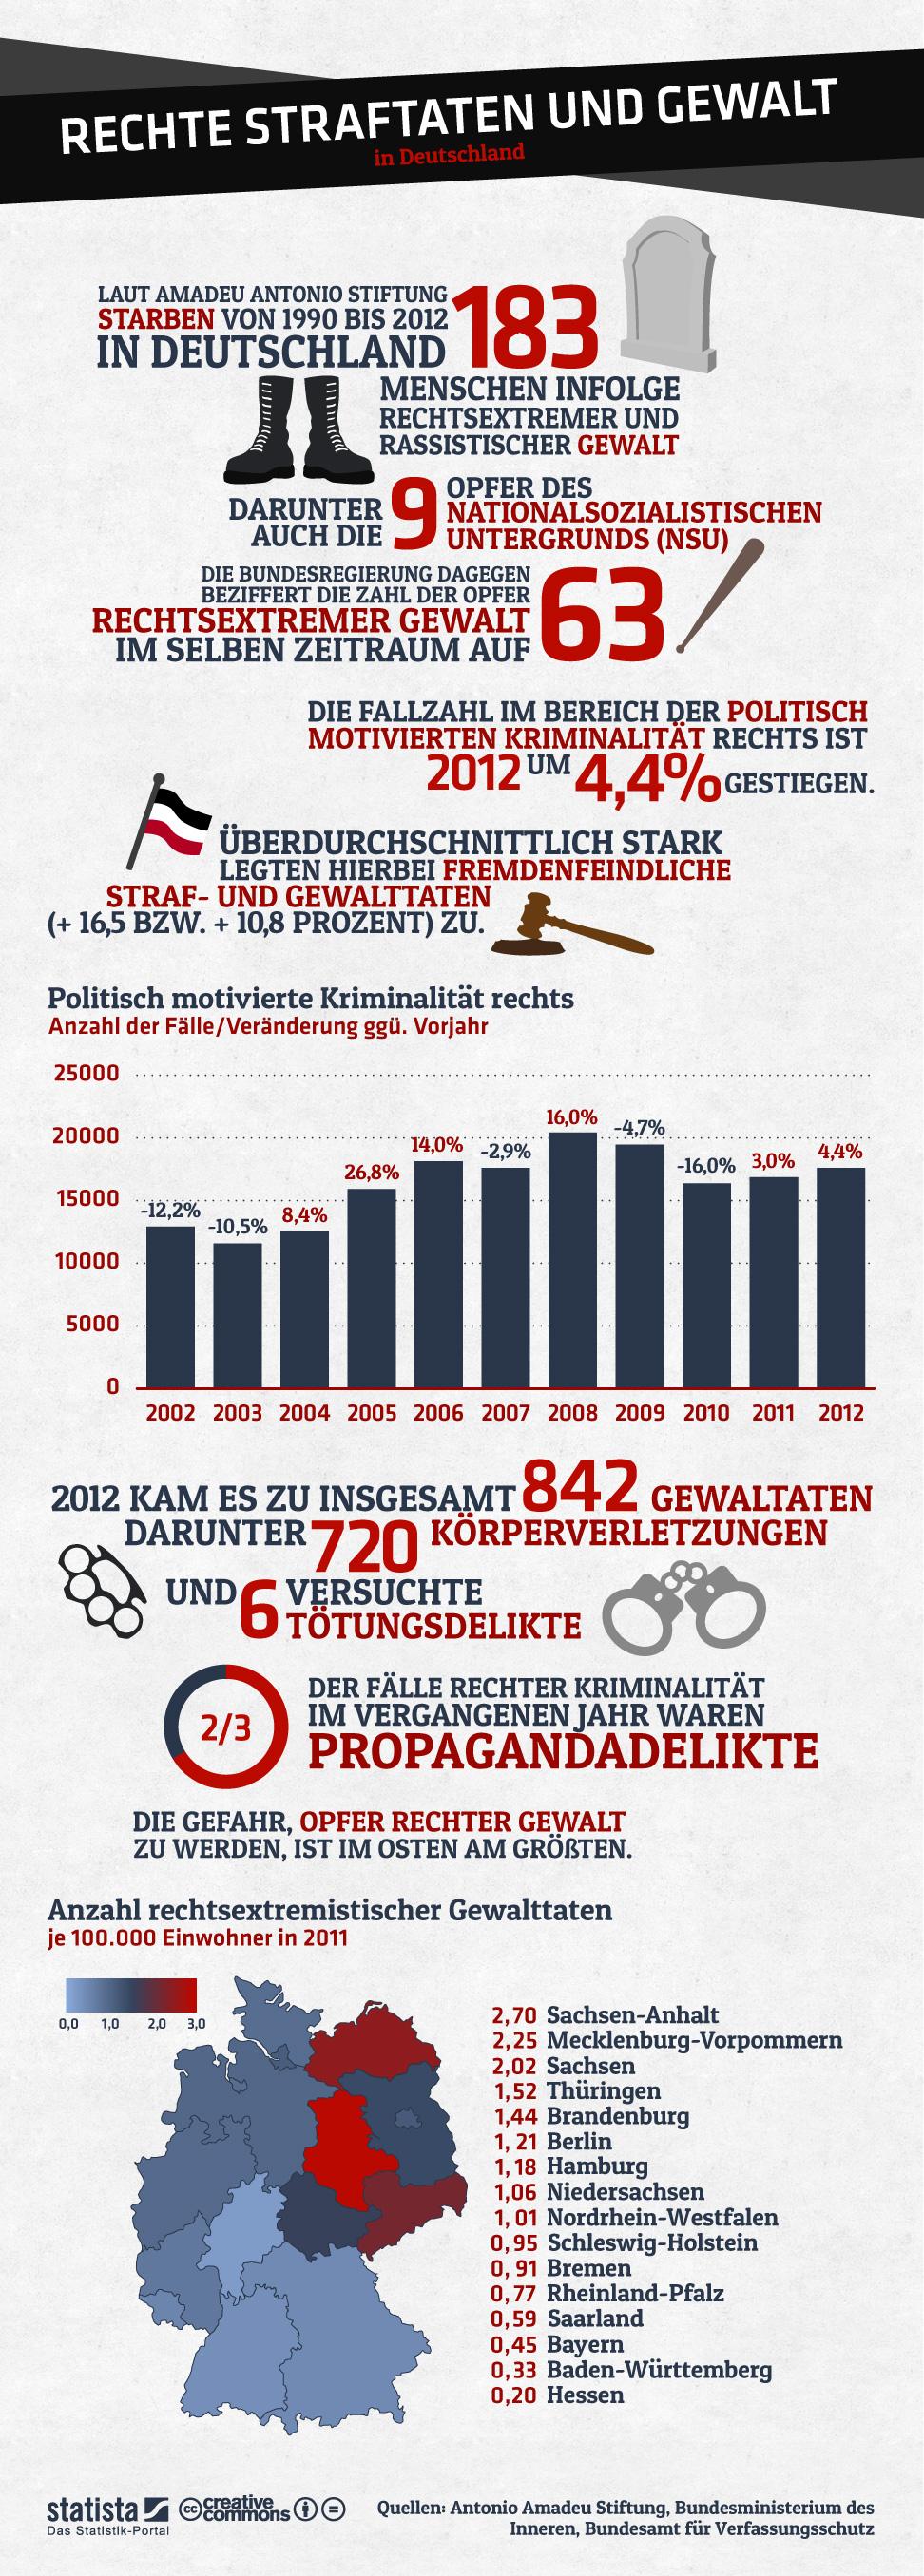 infografik_1117_Rechte_Straftaten_und_Gewalt_in_Deutschland_b